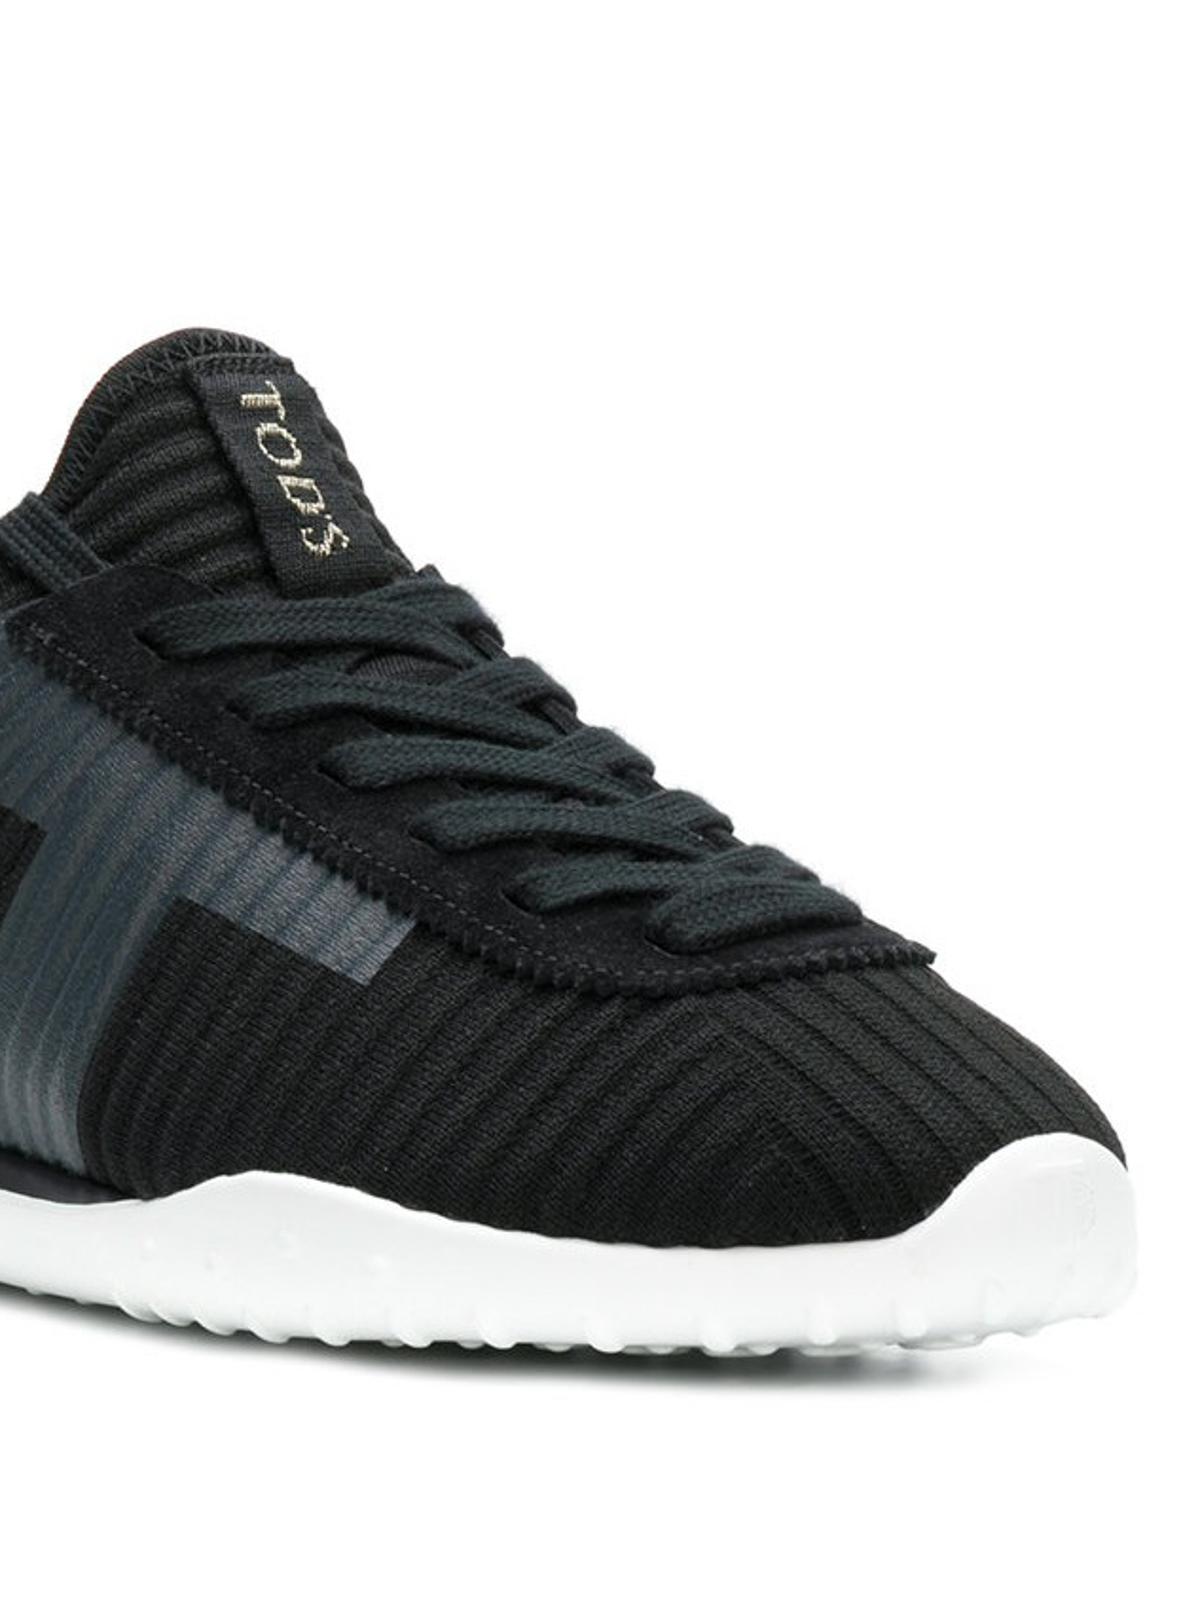 T Tod's A Maglia Ikrix Neri Applicata Coste In Sneakers Con Camoscio Nnv0m8w